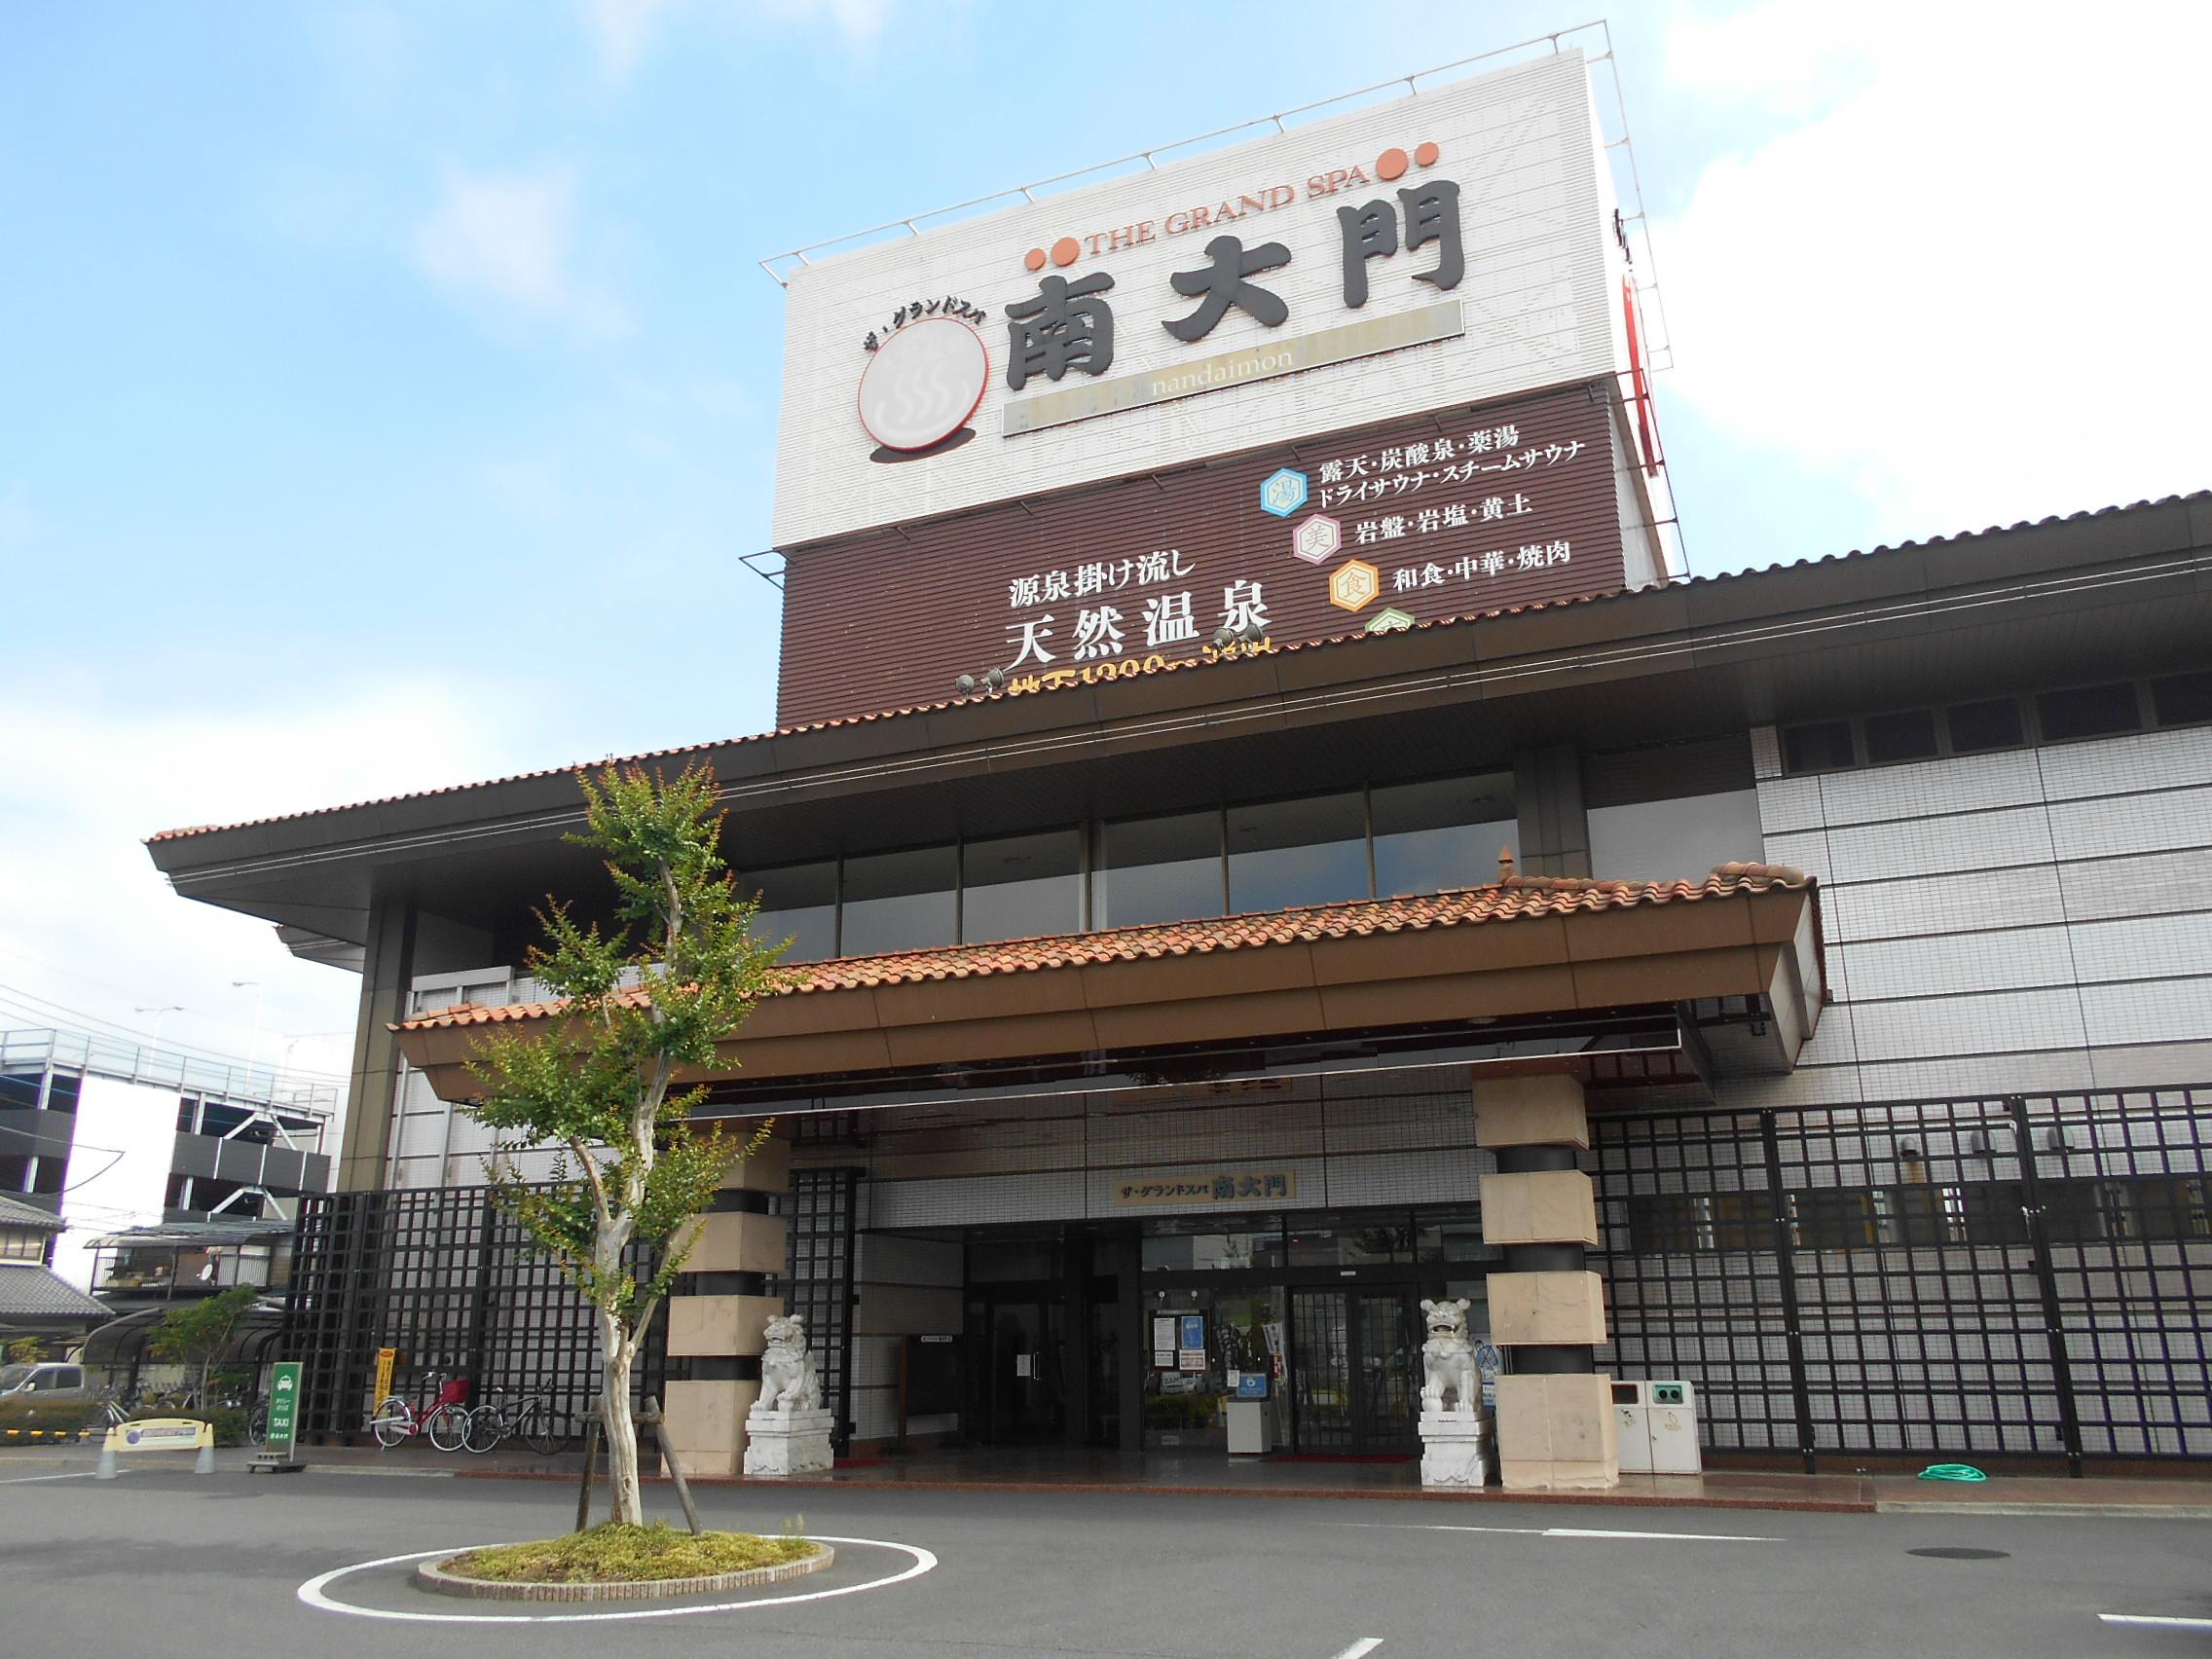 栃木県宇都宮市の健康ランド南大門は割引券などありますか?あるのなら  - Yahoo!知恵袋